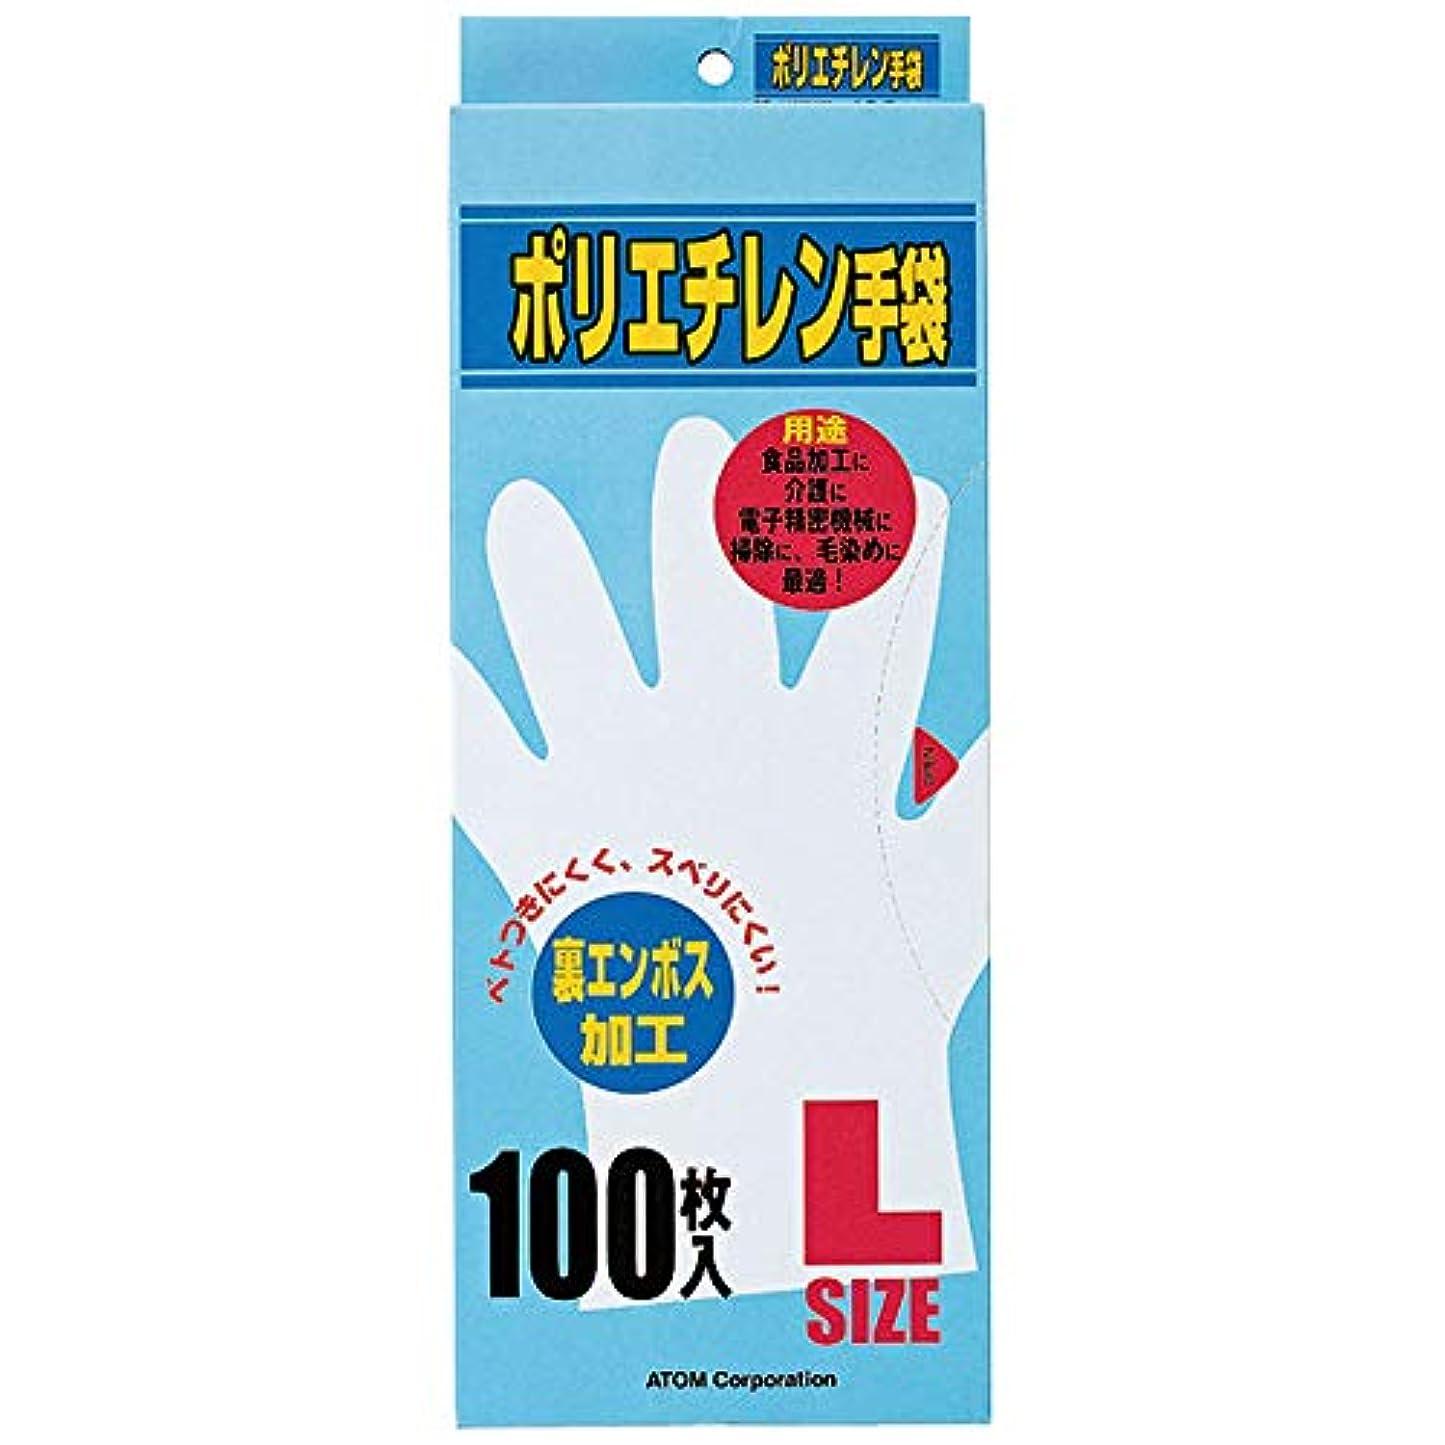 スポンジチャームボルトアトム ポリエチレン手袋 1720-100-L 5箱(500枚)